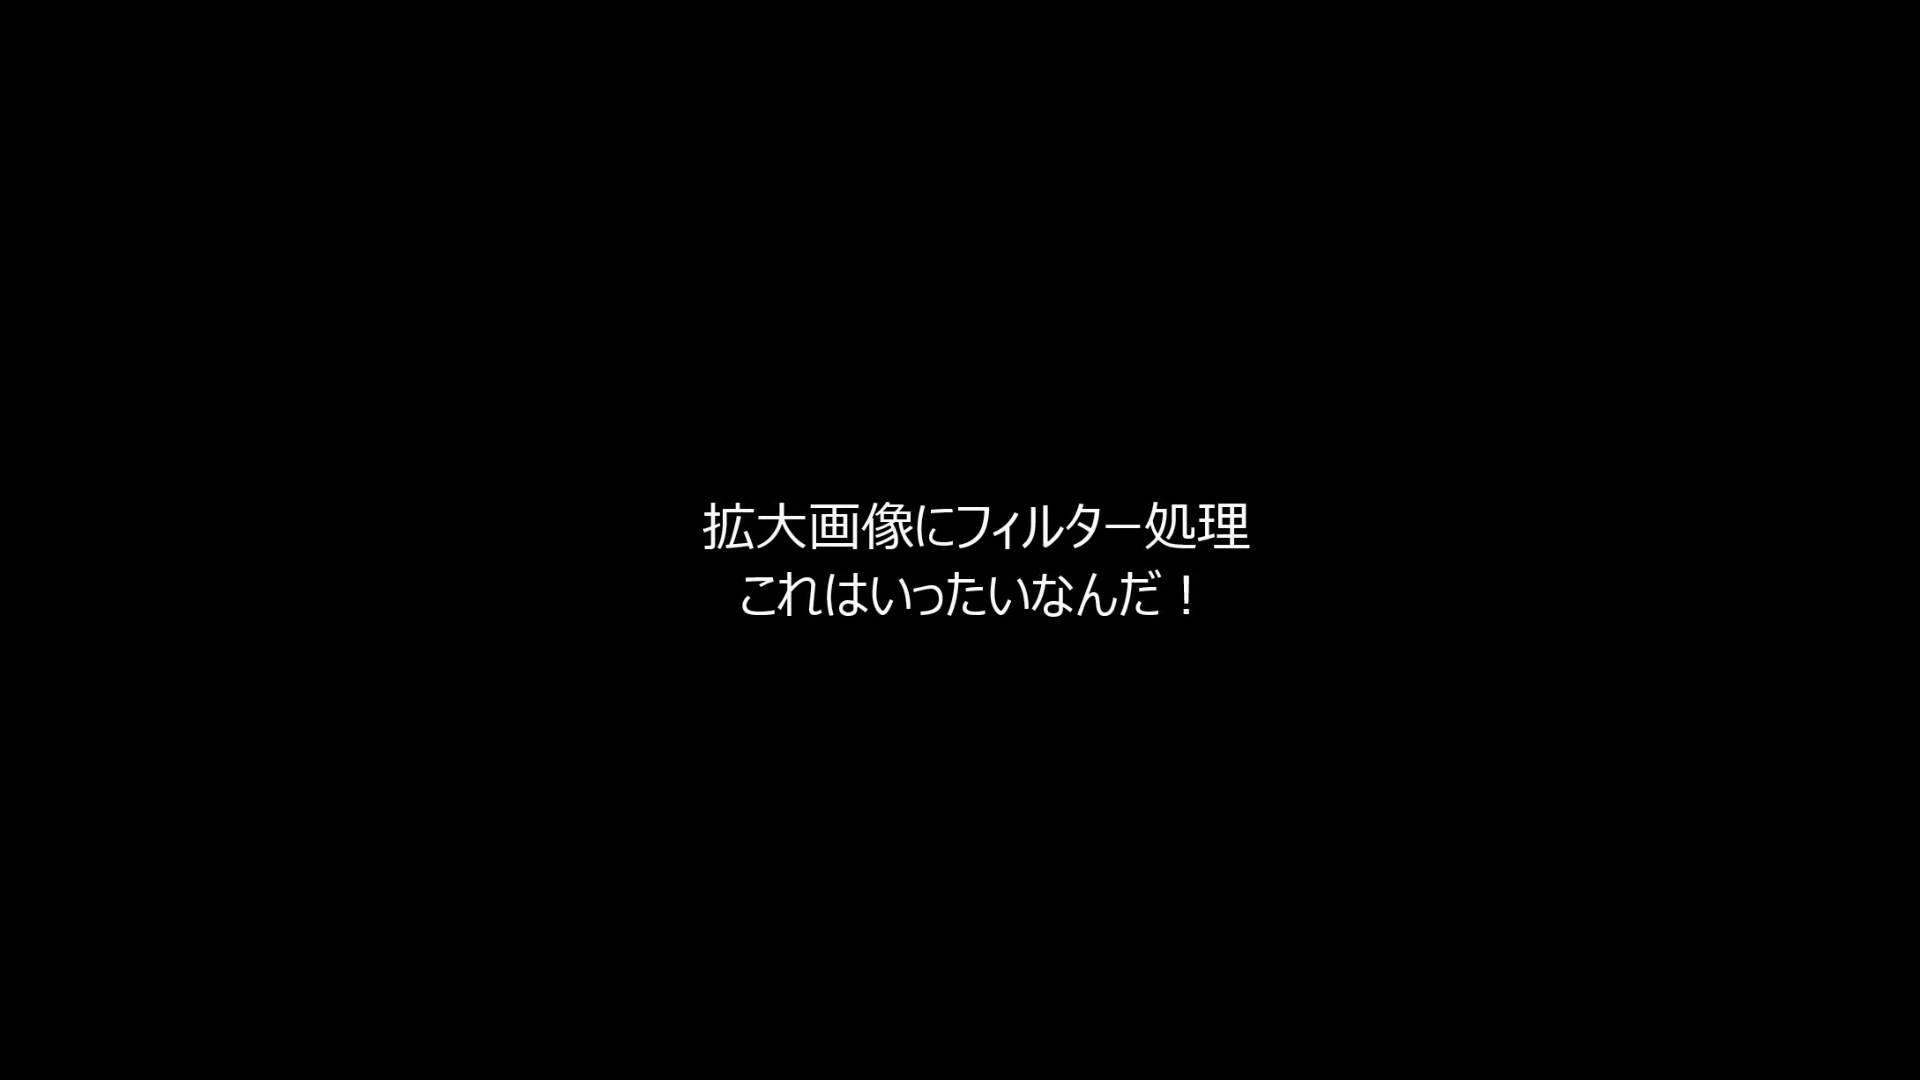 Case11 UFO !! SID 1が捉えた東京上空を切り裂く謎の透明物体 UFO!! - YouTube